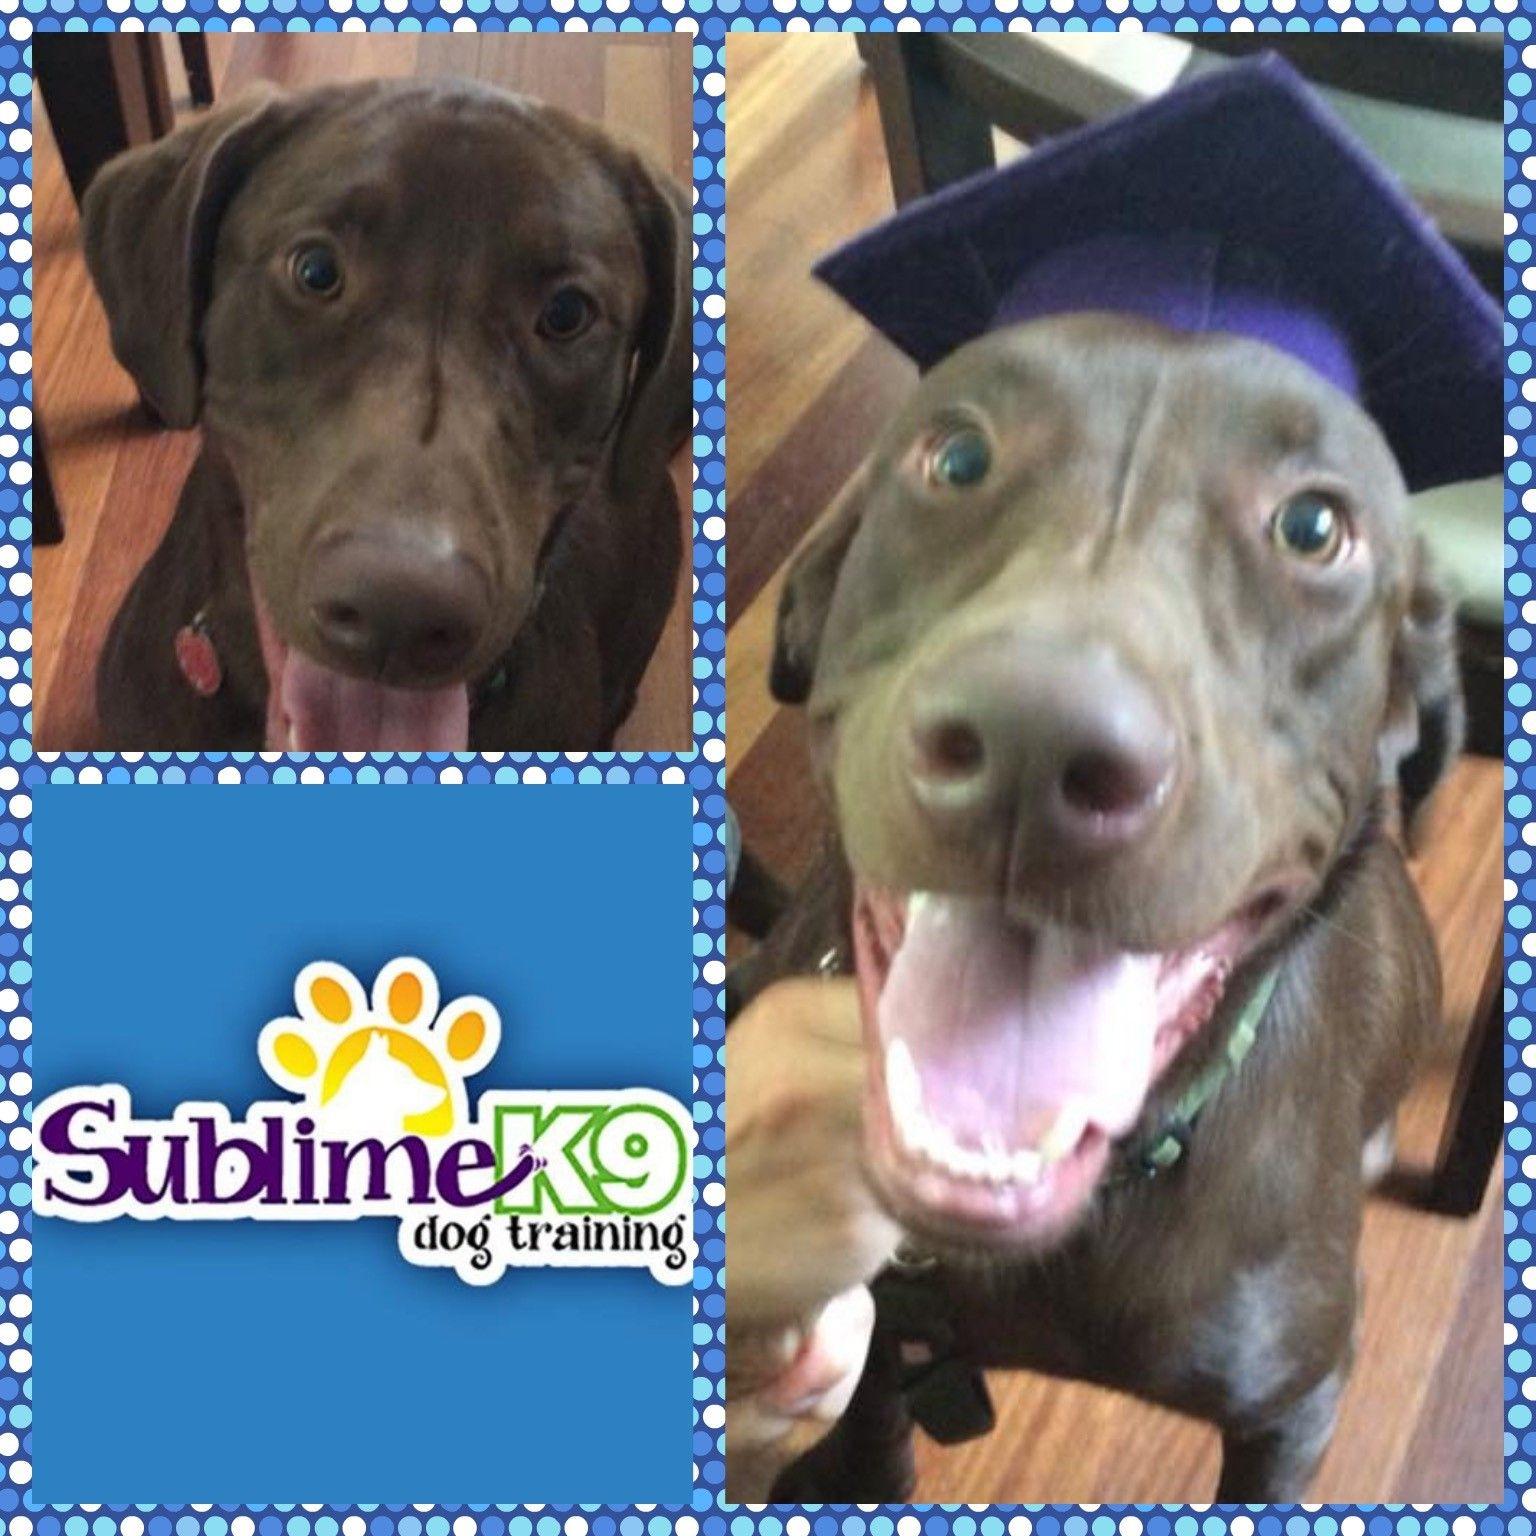 Long Island Dog Trainers Sublime K9 K9 Dog Training Dogs Dog